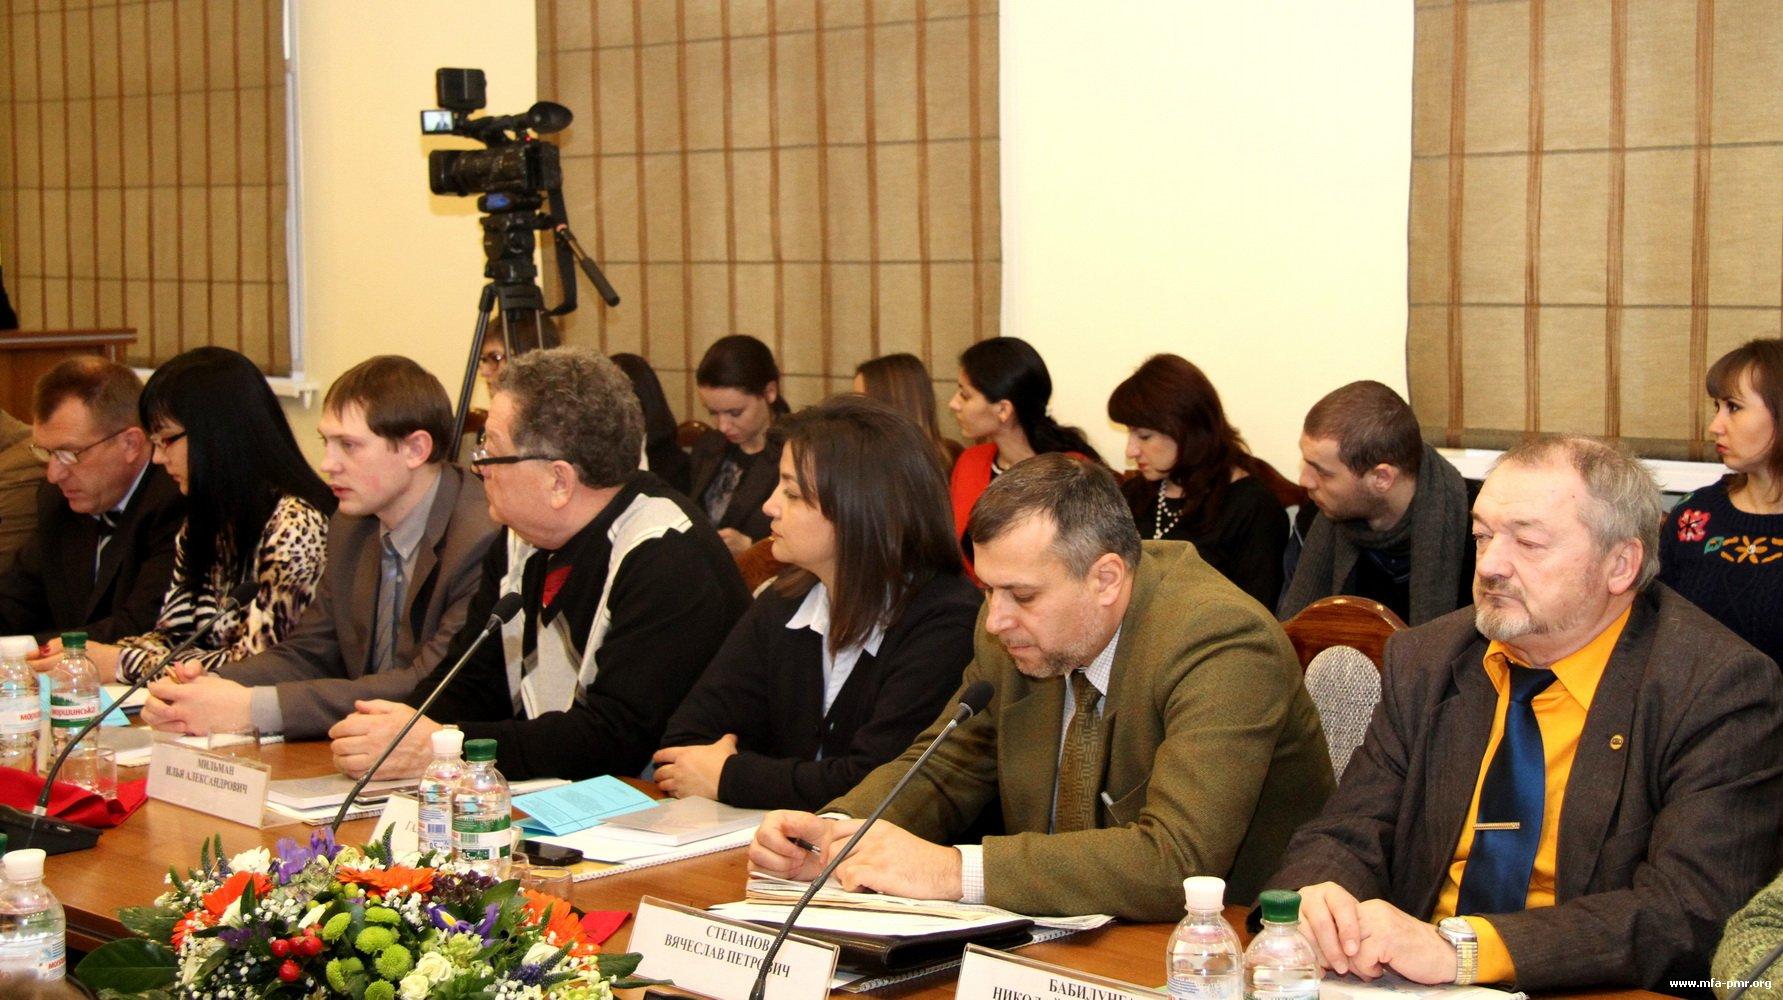 Перспективы применения федерального законодательства Российской Федерации в Приднестровье обсудили на круглом столе с участием российских экспертов и руководства республики